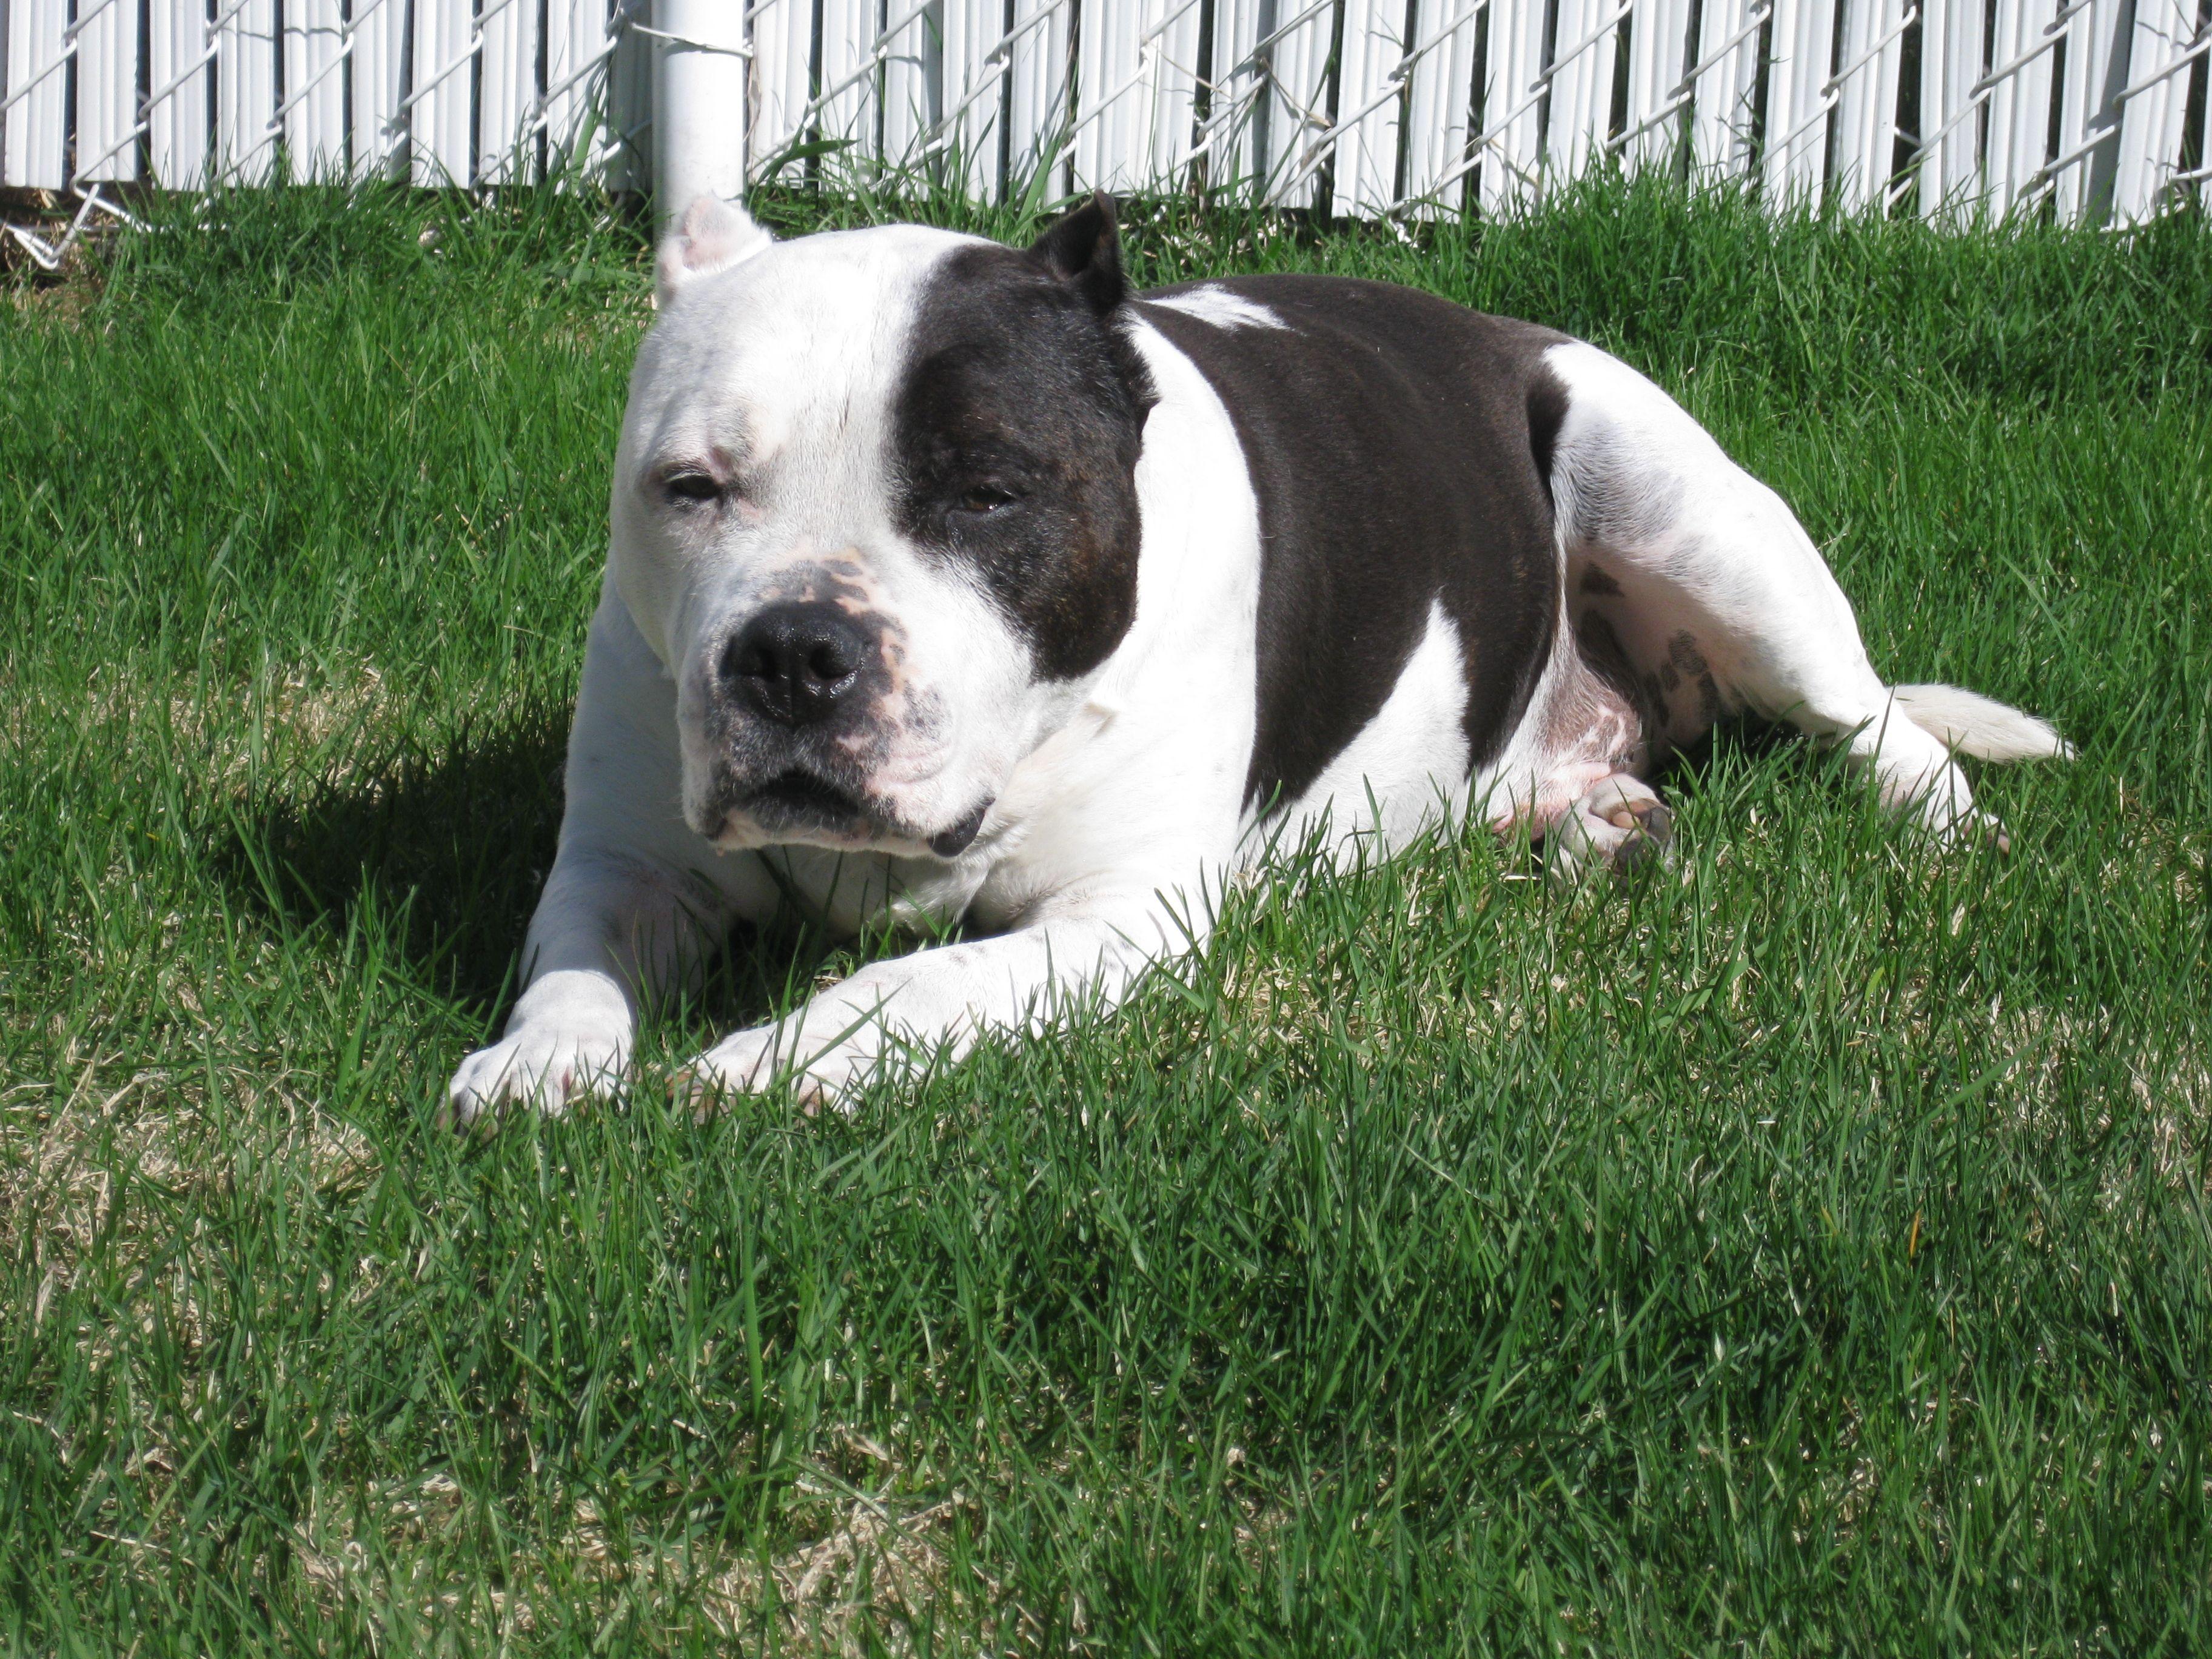 Mon chien Norris (14 ans)......mon compagnon....